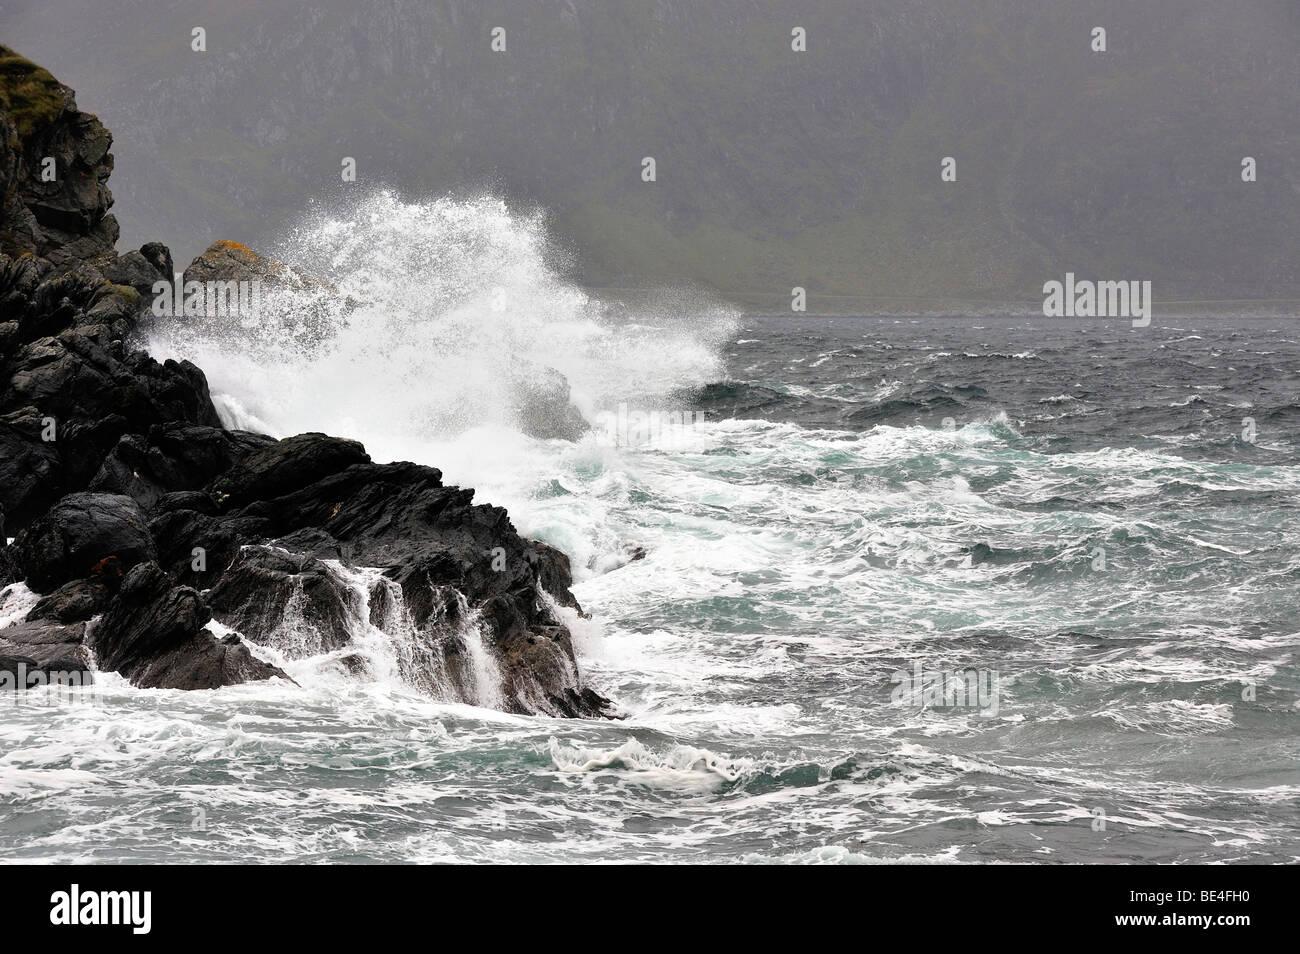 Waves crashing on rocks - Stock Image